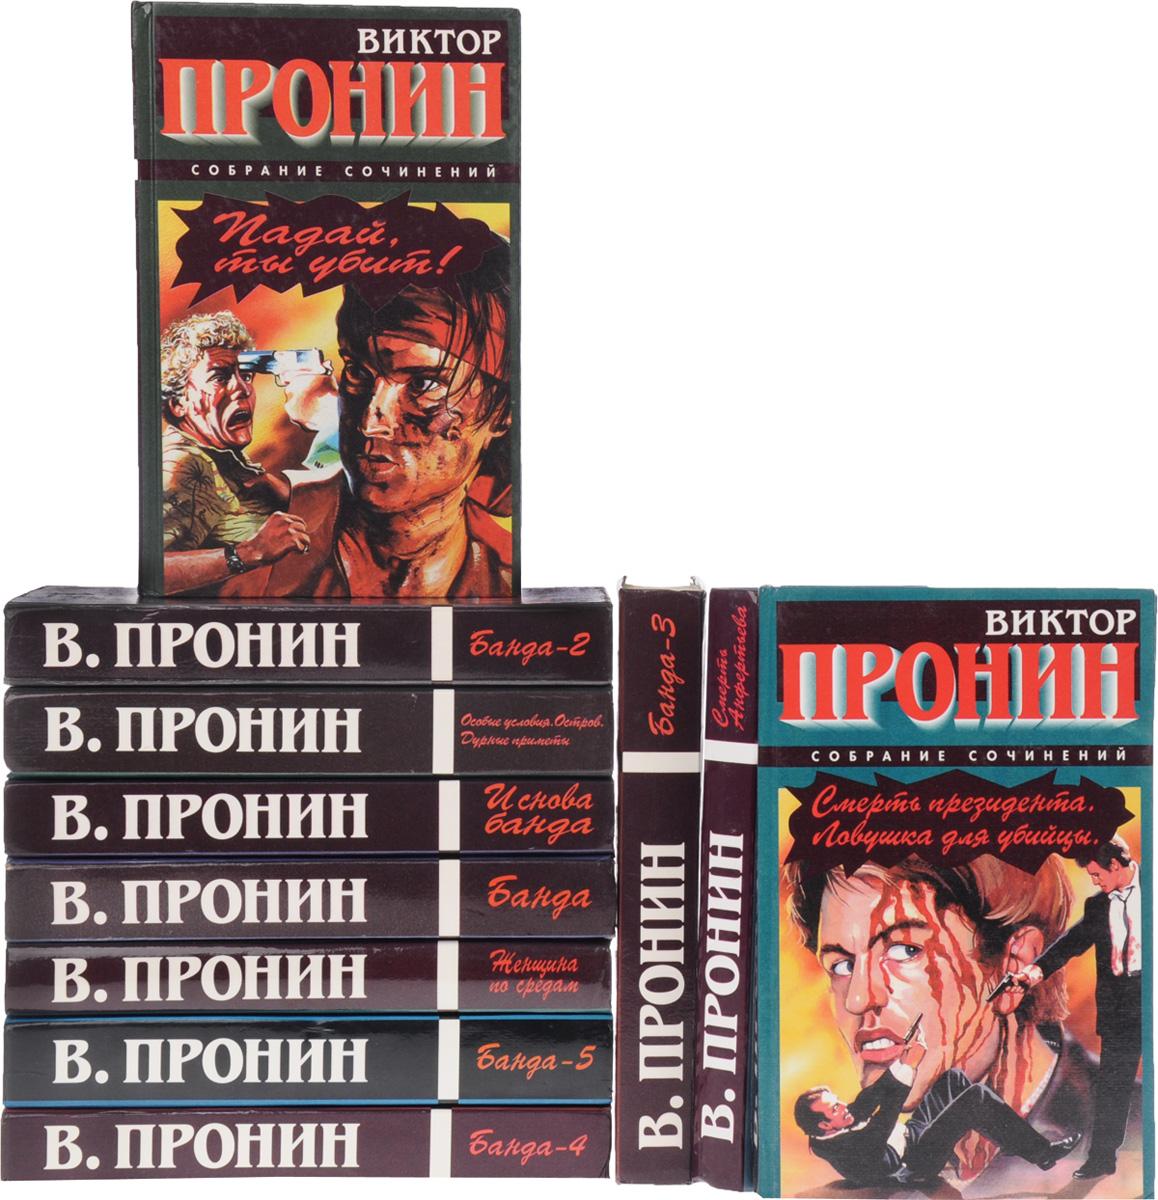 Виктор Пронин. Собрание сочинений (комплект из 11 книг)